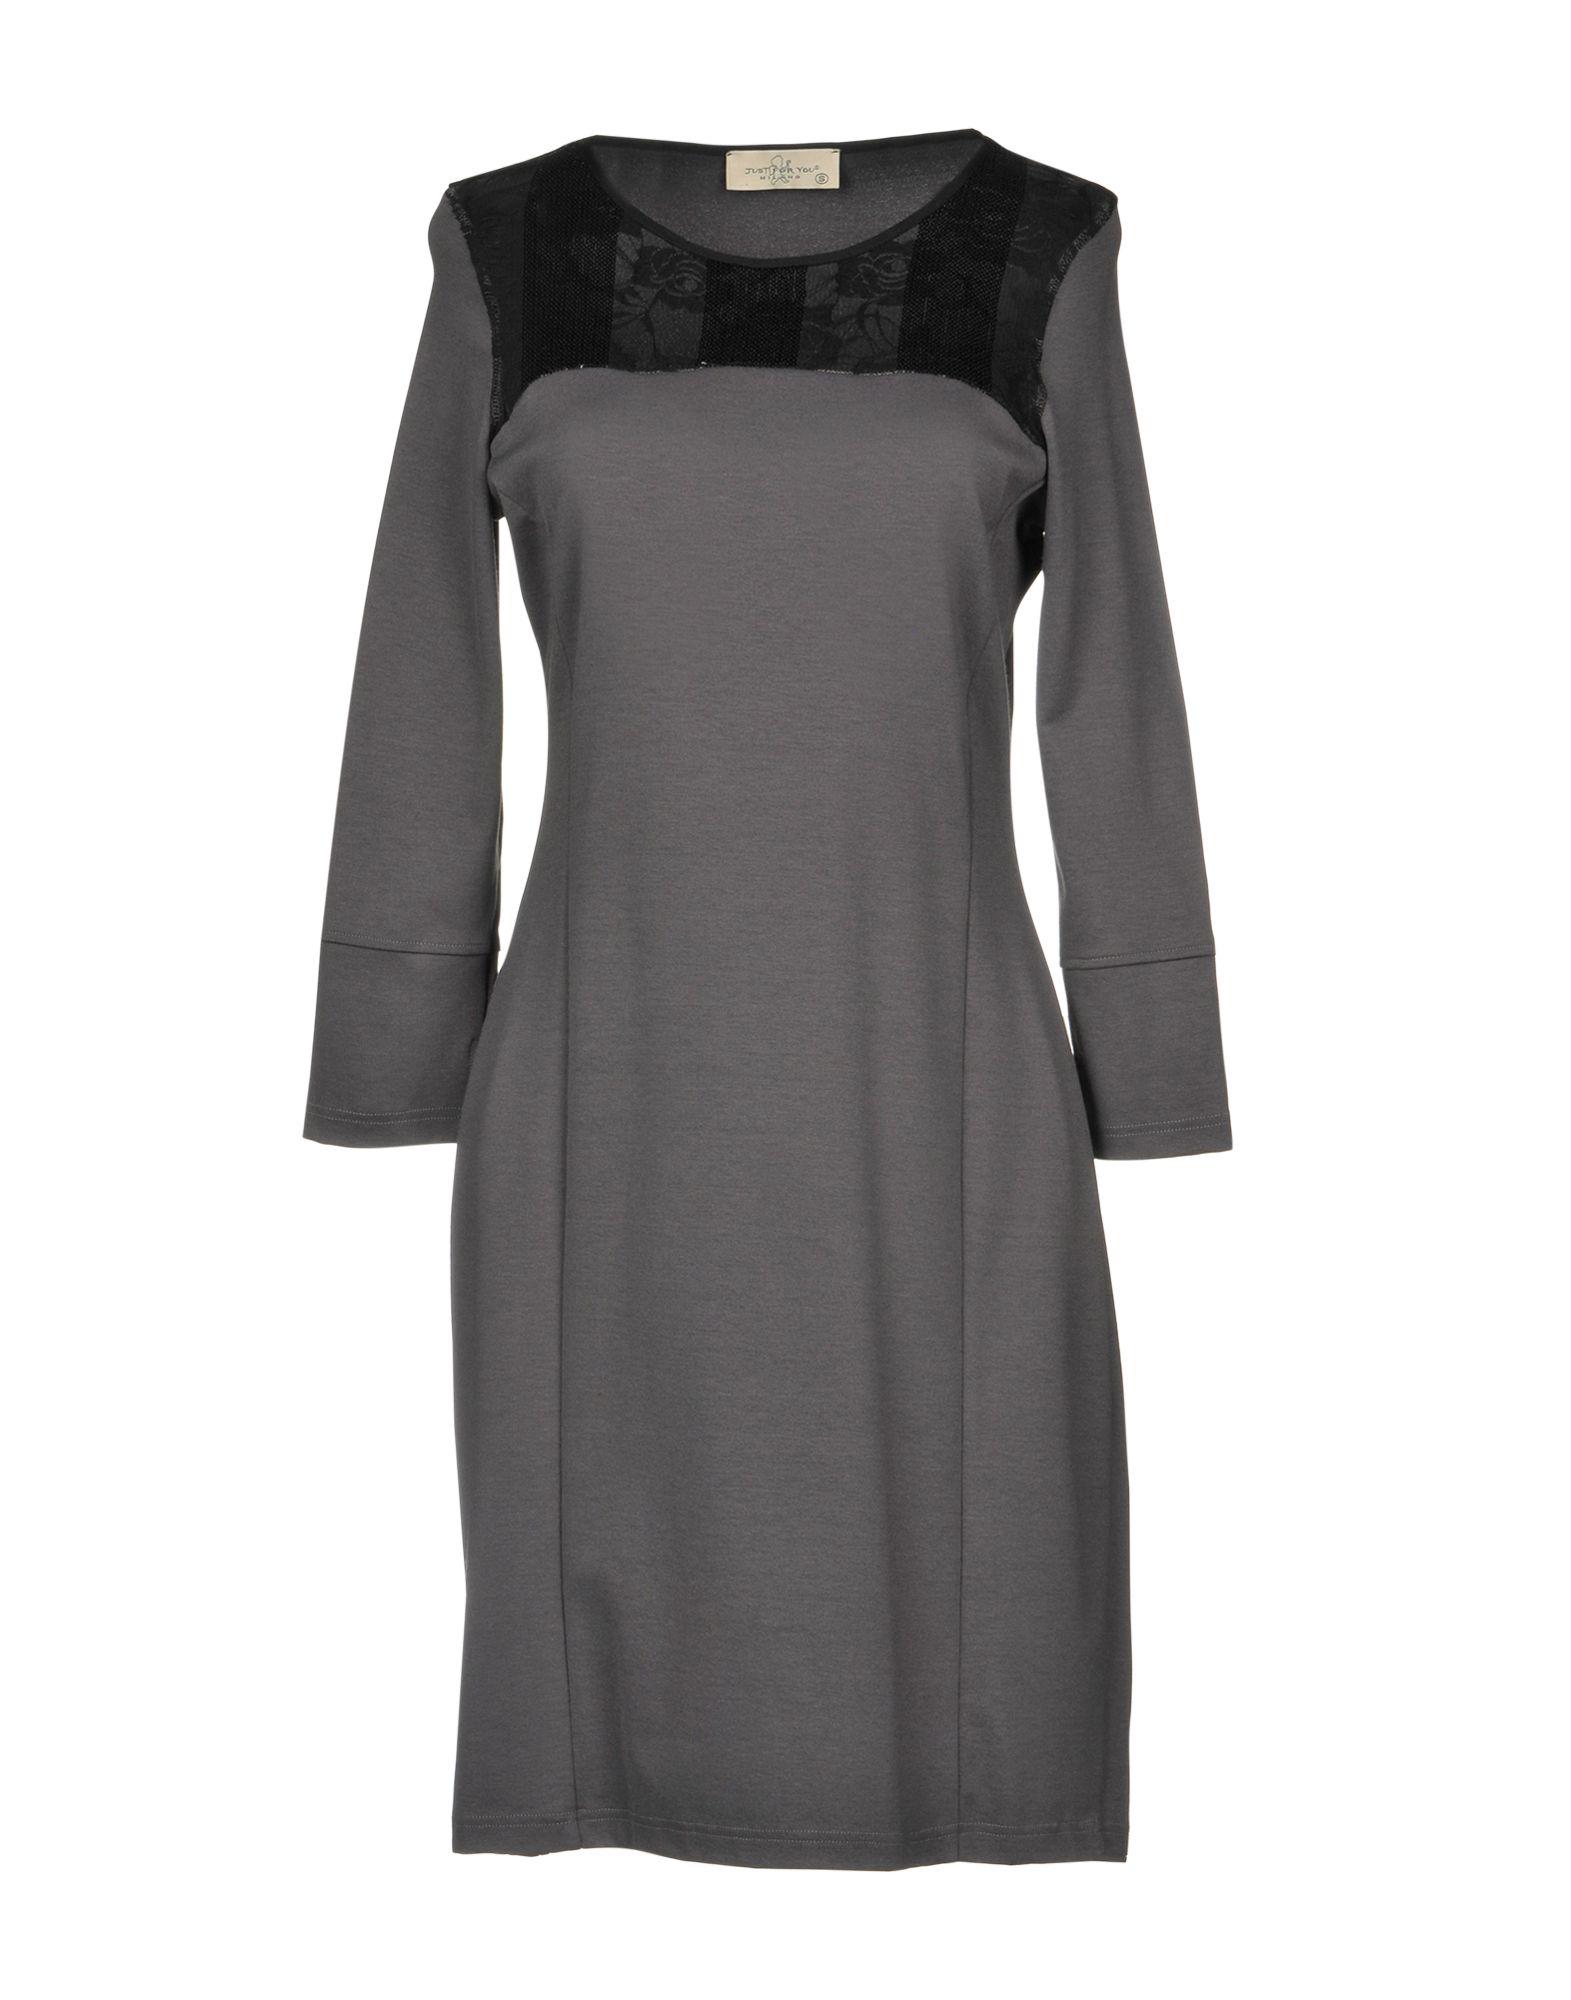 bc6bc428b9e JUST FOR YOU ΦΟΡΕΜΑΤΑ Κοντό φόρεμα